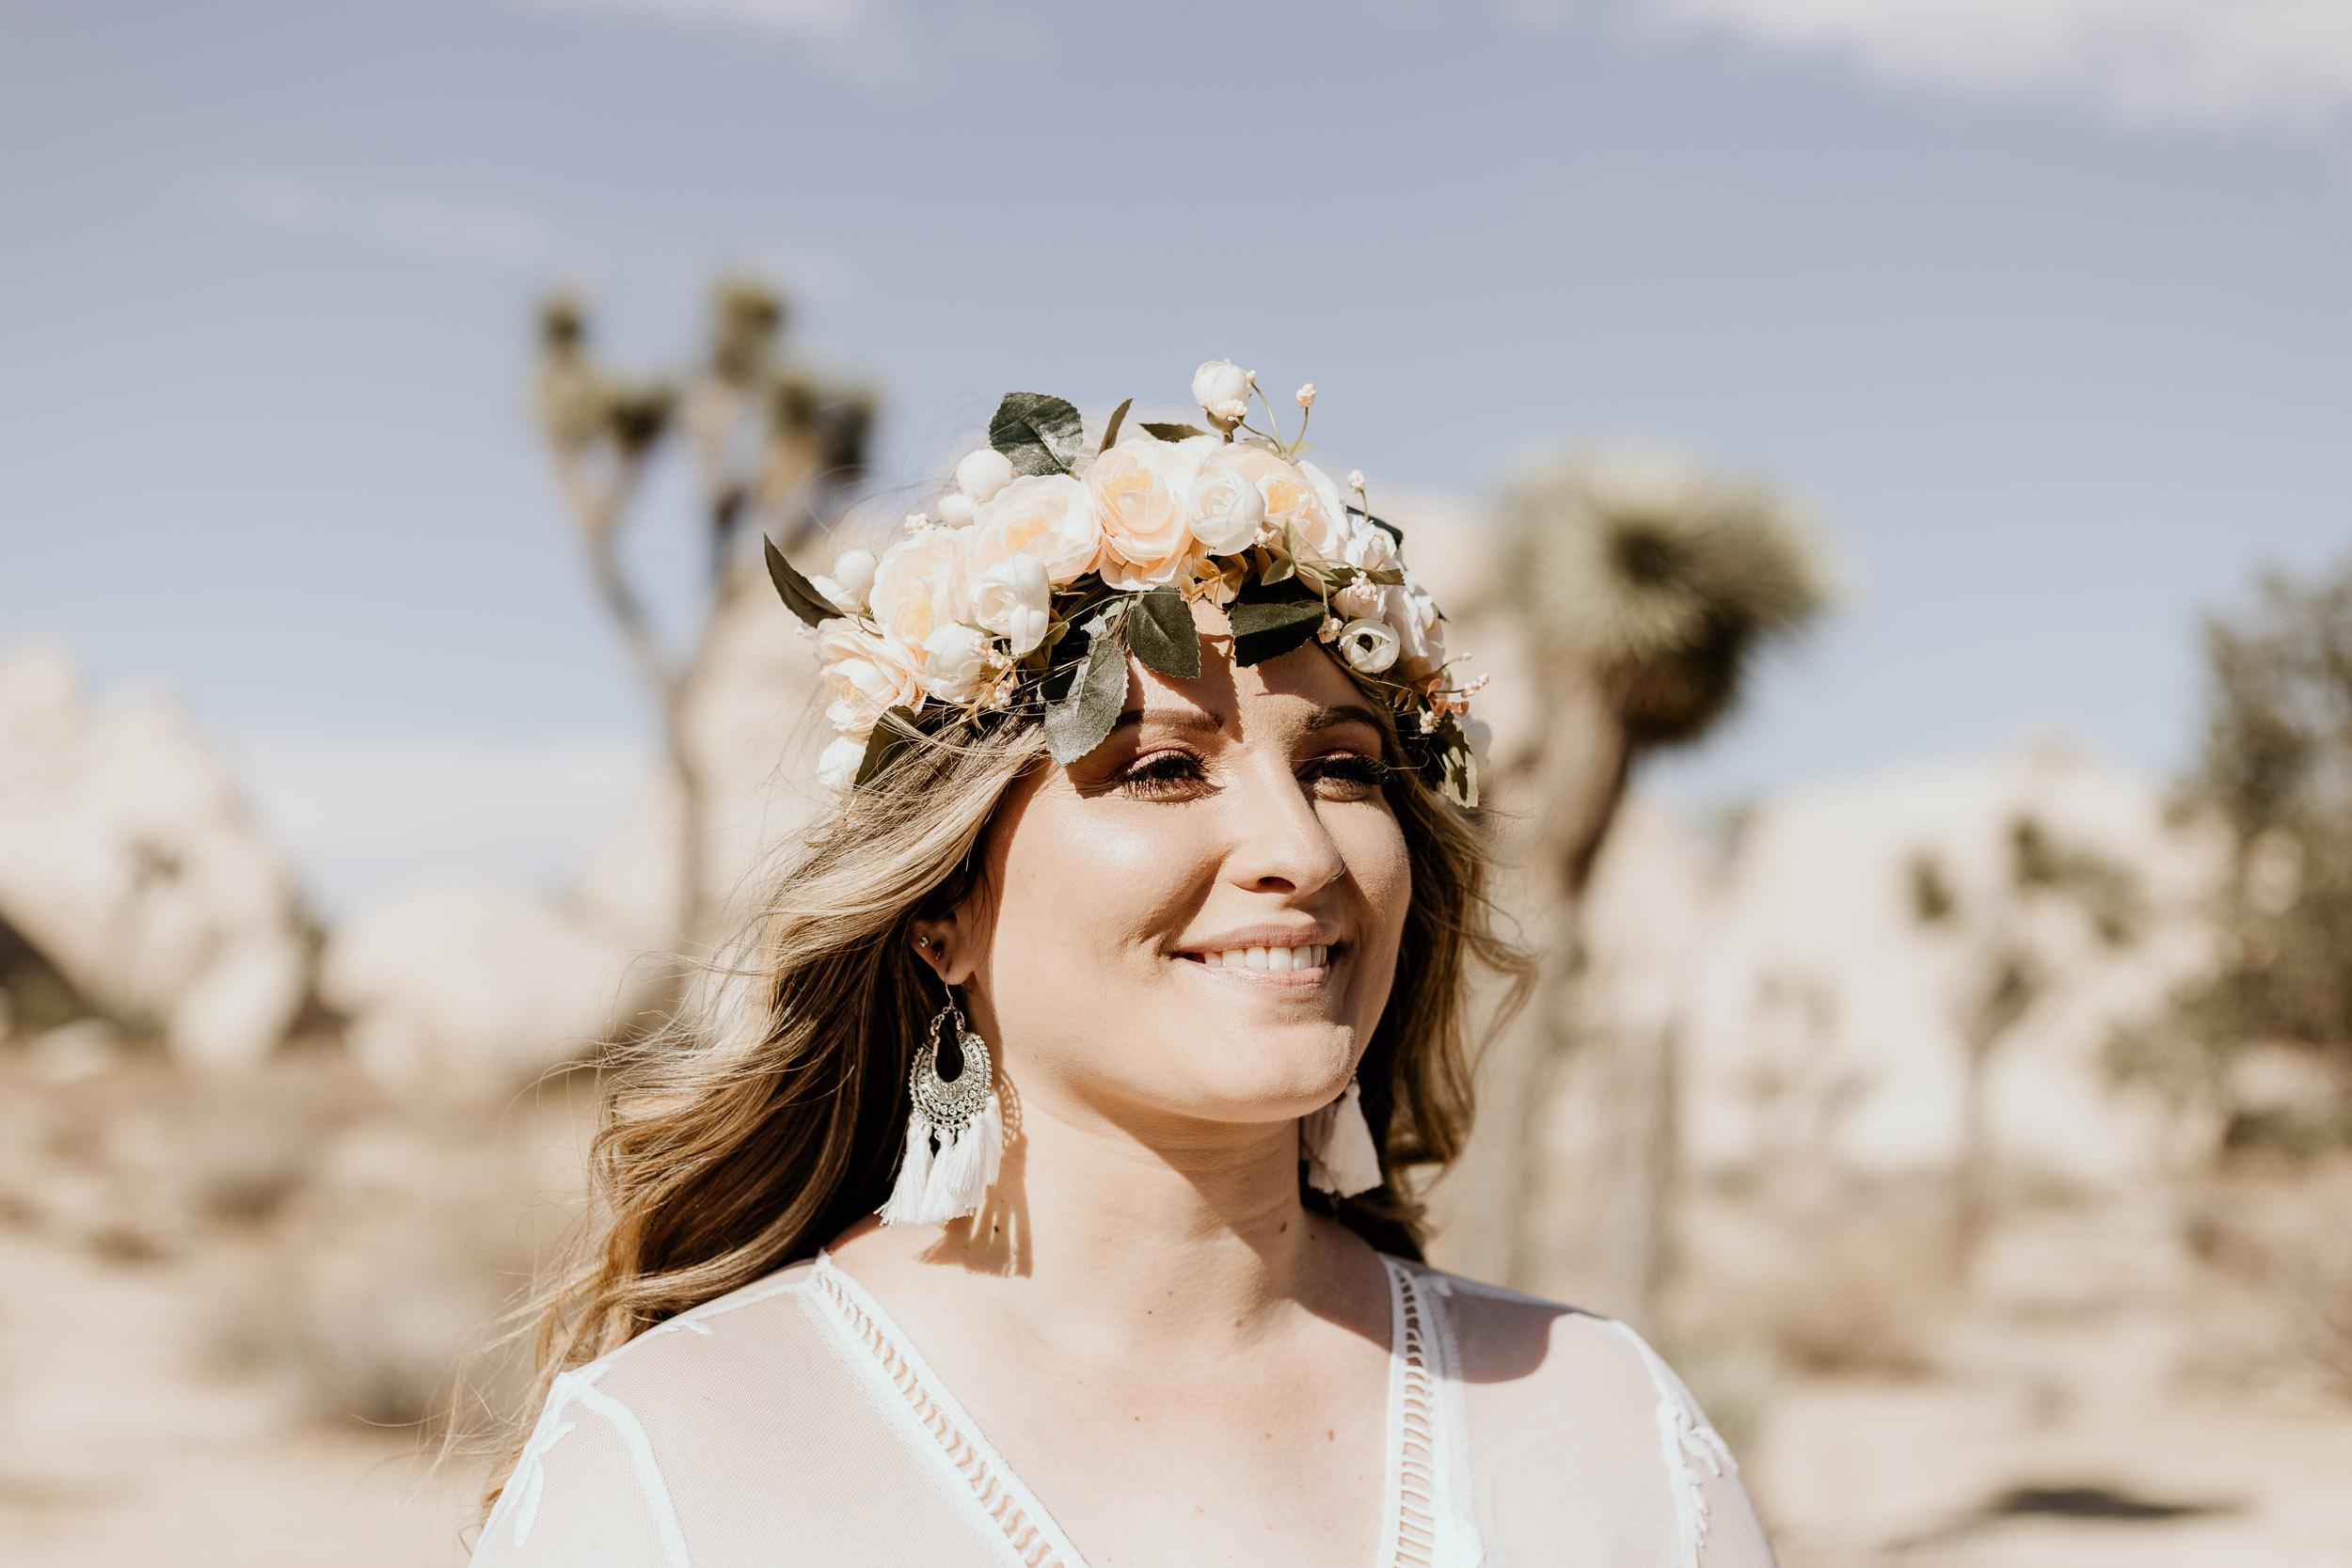 intimate-wedding-elopement-photographer-ottawa-joshua-tree-0480.jpg